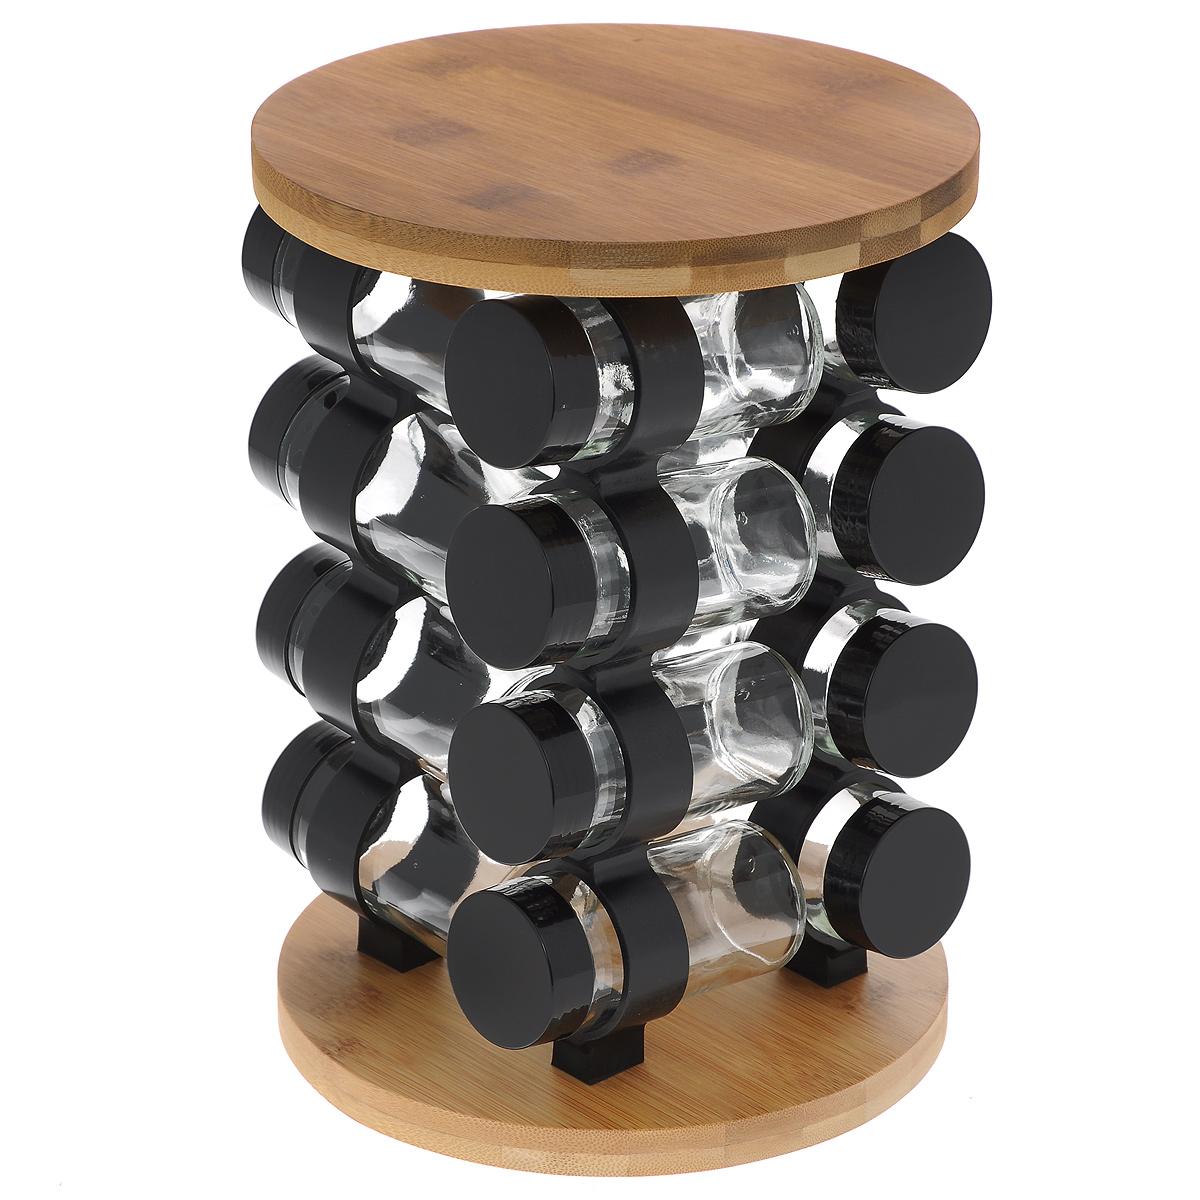 Набор для специй, 17 предметовGSR2721Набор для специй состоит из 16 баночек для специй и подставки. Баночки изготовлены из стекла и оснащены плотно закручивающимися крышками из пластика черного цвета. Баночки устанавливаются на вращающуюся бамбуковую подставку. Для каждой баночки предусмотрено круглое отверстие. Набор идеально подойдет для хранения различных приправ и специй. Благодаря прозрачным стенкам, можно видеть содержимое баночек. Такой набор красиво дополнит интерьер кухни и станет незаменимым помощником в приготовлении ваших любимых блюд. Баночки можно мыть в посудомоечной машине. Диаметр баночки (по верхнему краю): 4,2 см. Высота баночки: 9,5 см. Размер подставки (ДхШхВ): 19 см х 19 см х 27 см.